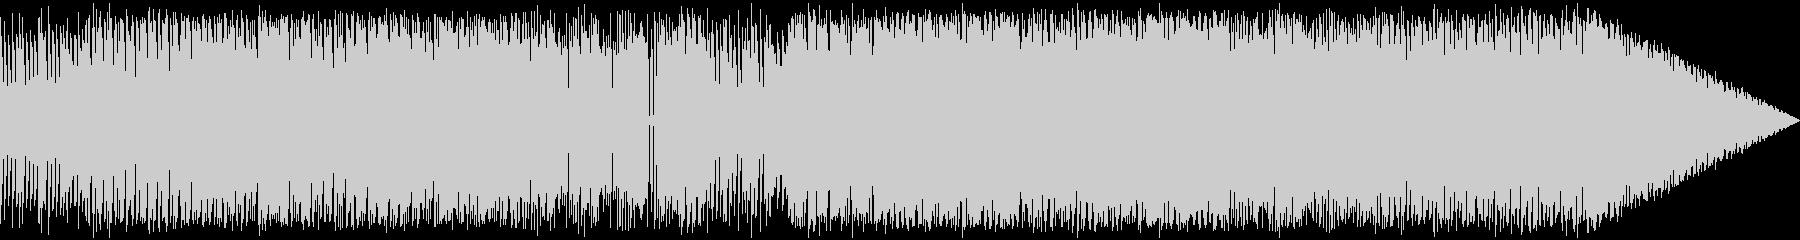 レトロなファミコン音でスタイリッシュ戦闘の未再生の波形